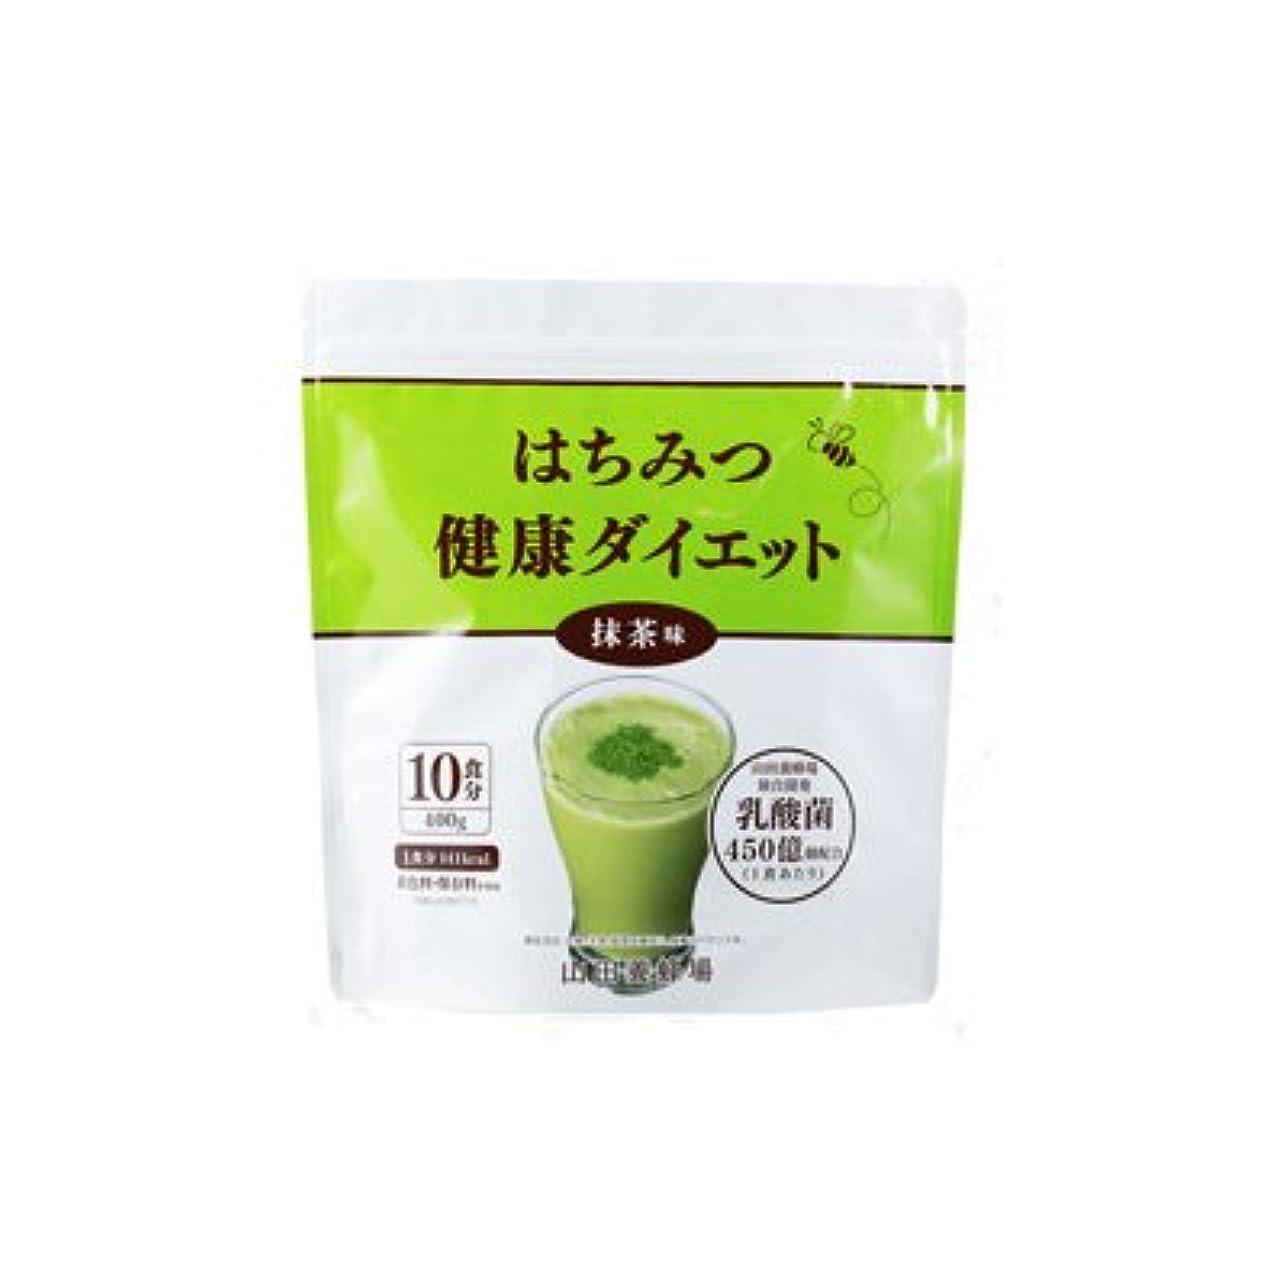 みすぼらしい消防士粒はちみつ健康ダイエット 【抹茶味】400g(10食分)